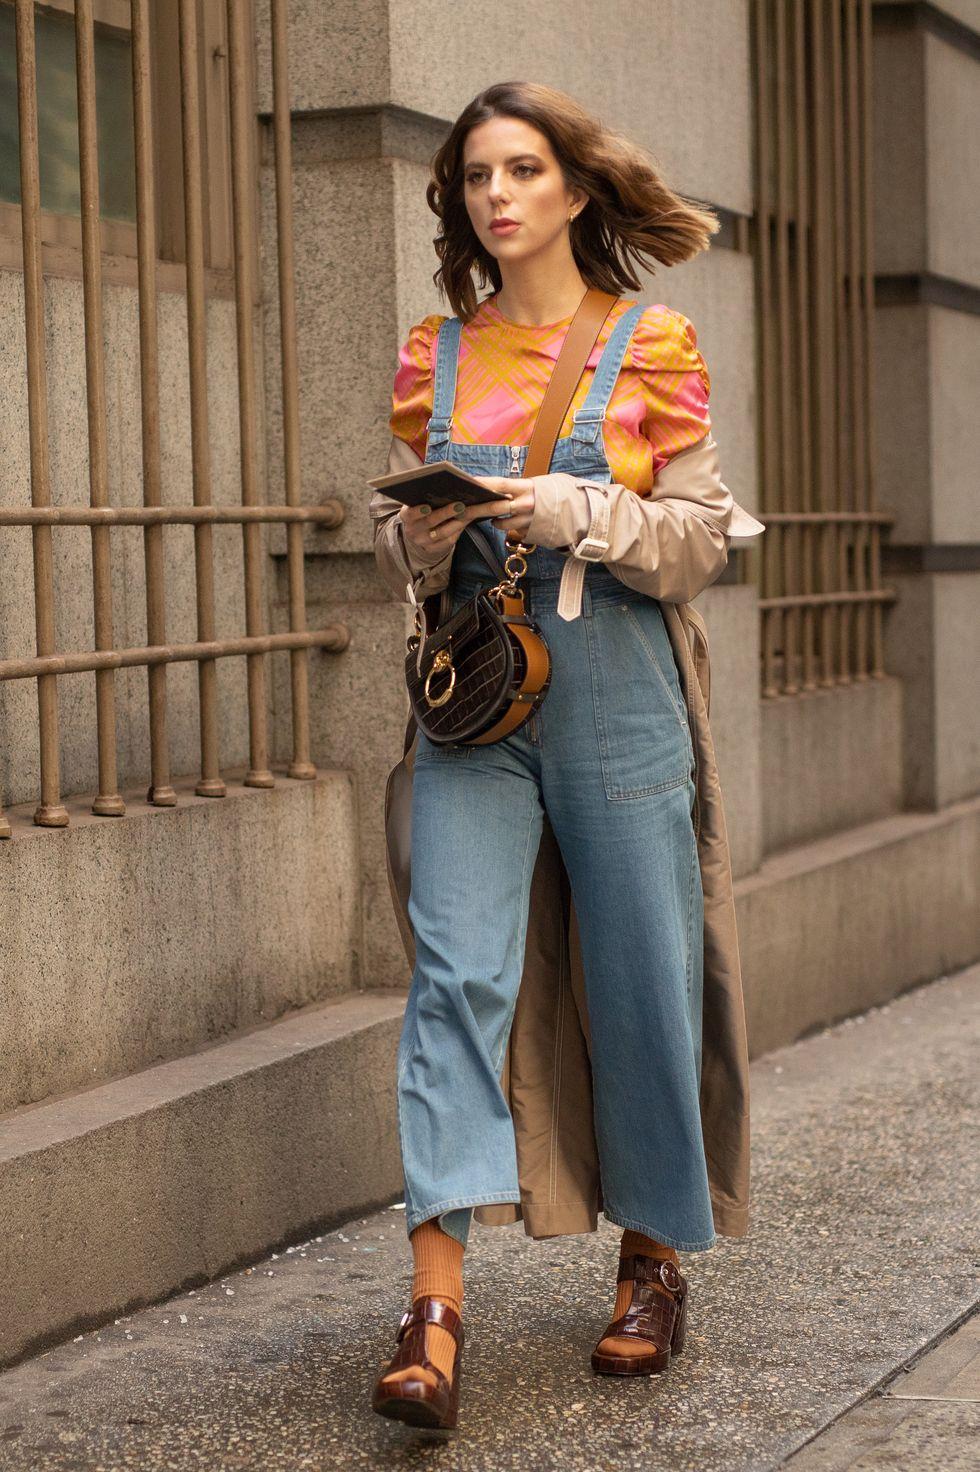 Phong cách với tất và dép Chiếc quần yếm denim của bạn là cơ sở tốt để bạn thử nghiệm một số phong cách thời trang phức tạp hơn như đi tất với xăng đan. Nếu bạn thích màu sắc, hãy kết hợp tất của bạn với màu có trên áo và sau đó kết hợp với một đôi xăng đan màu trung tính.